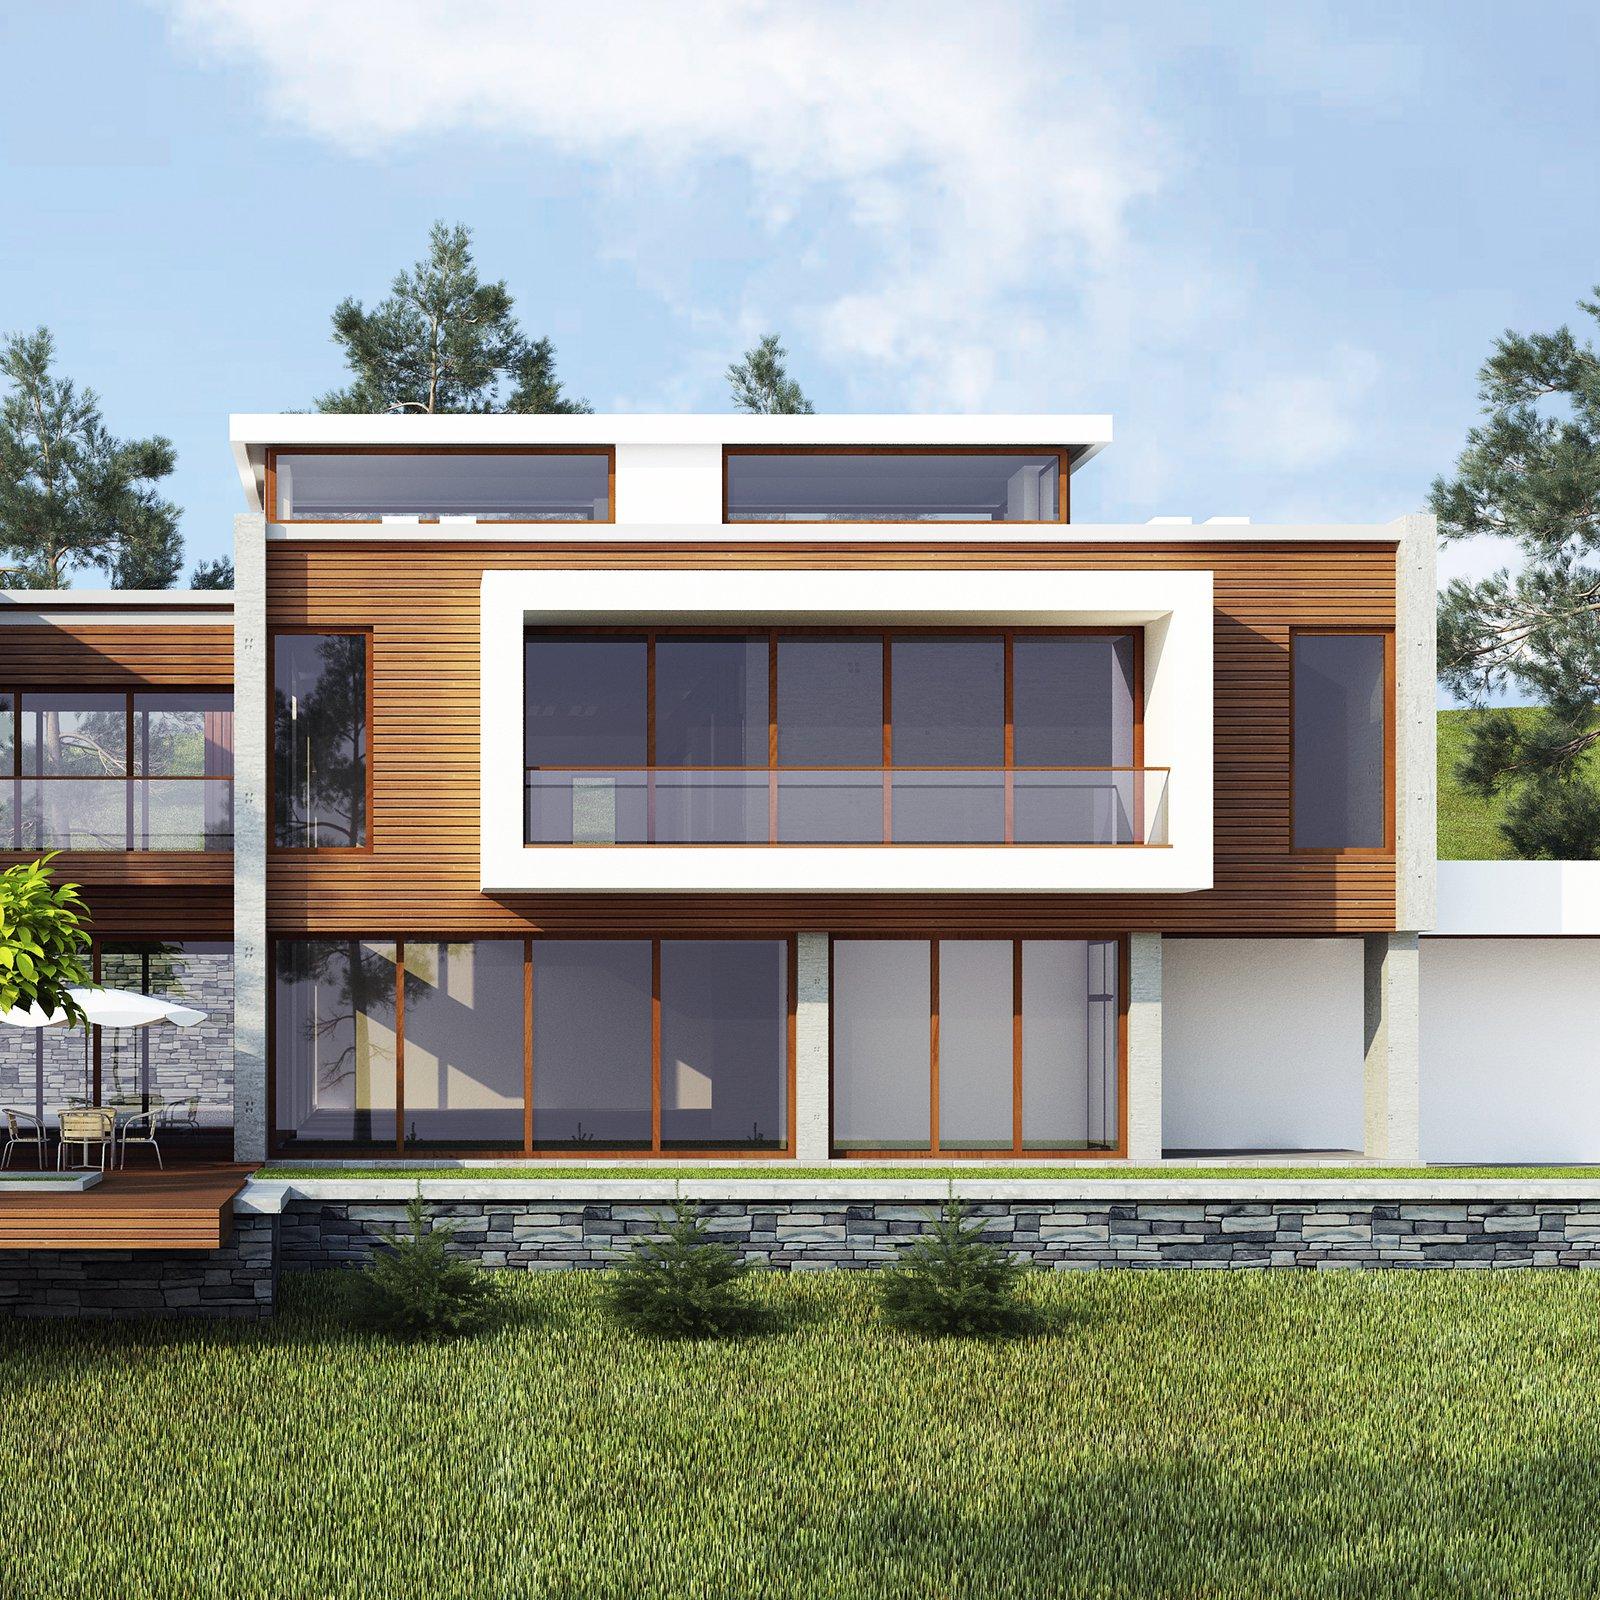 Maison En Bois Normandie the latest trends in wooden houses production – maison bois